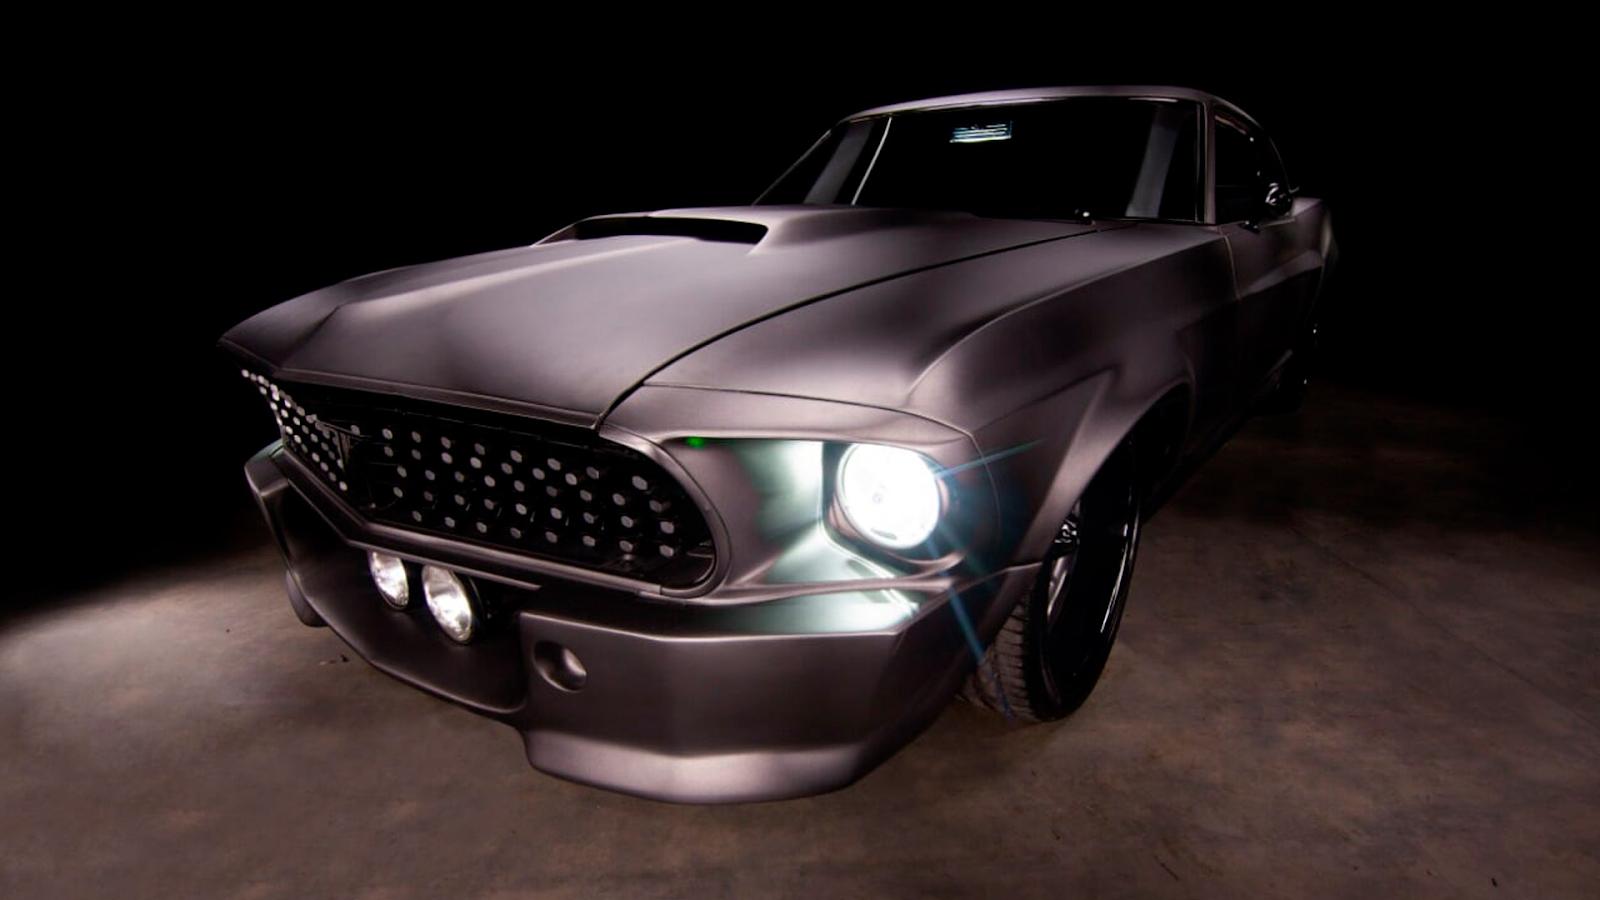 Carro com peças personalizadas a partir da impressão 3D pelo Tarso Marques